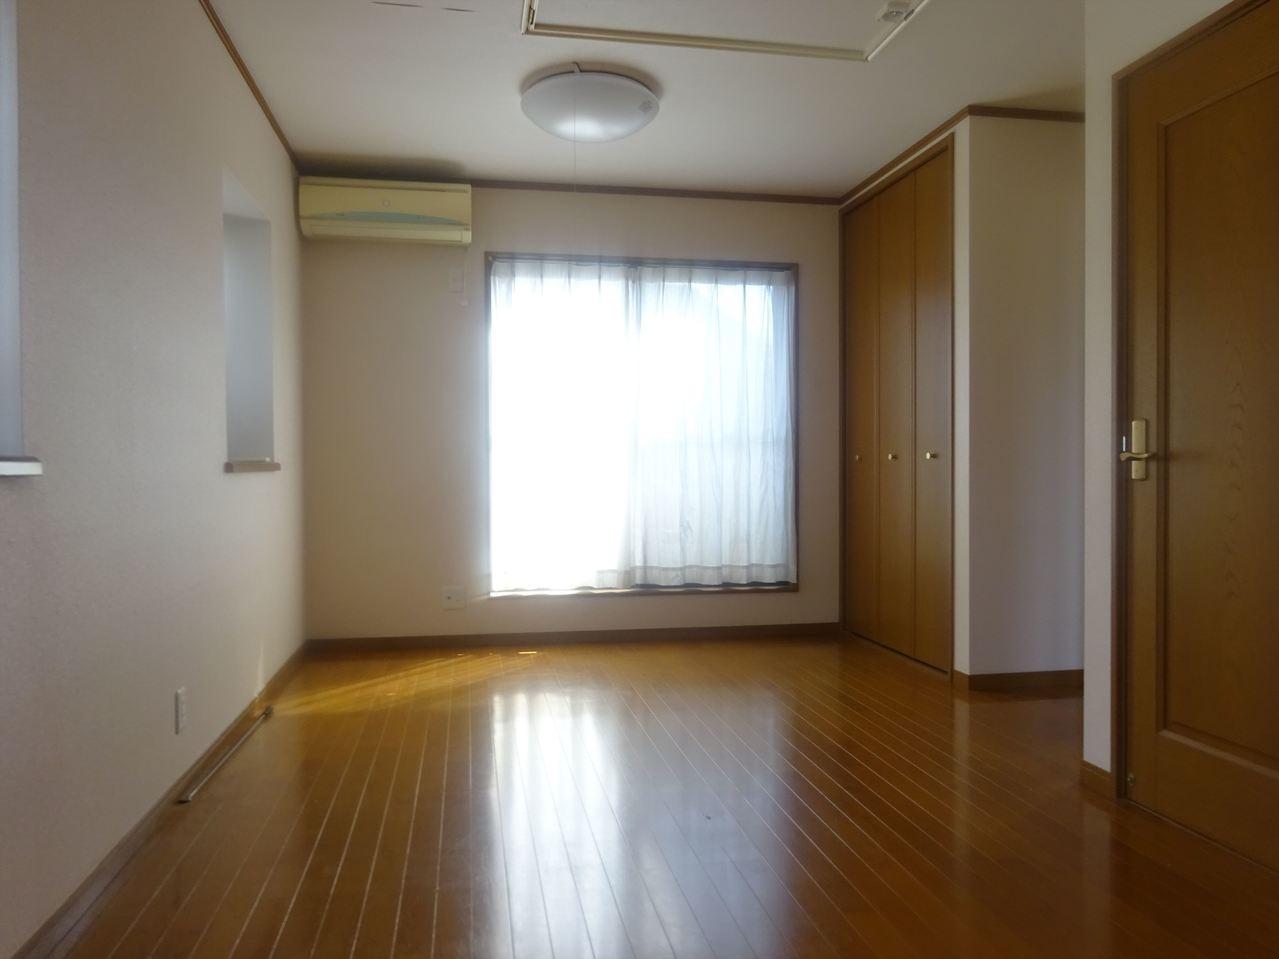 【家具】 気の利いたオシャレ家具を飾って自分だけのオシャレ空間を作りませんか? 温かみのある素材で気分も上々、毎日楽しく過ごせそうですね♪